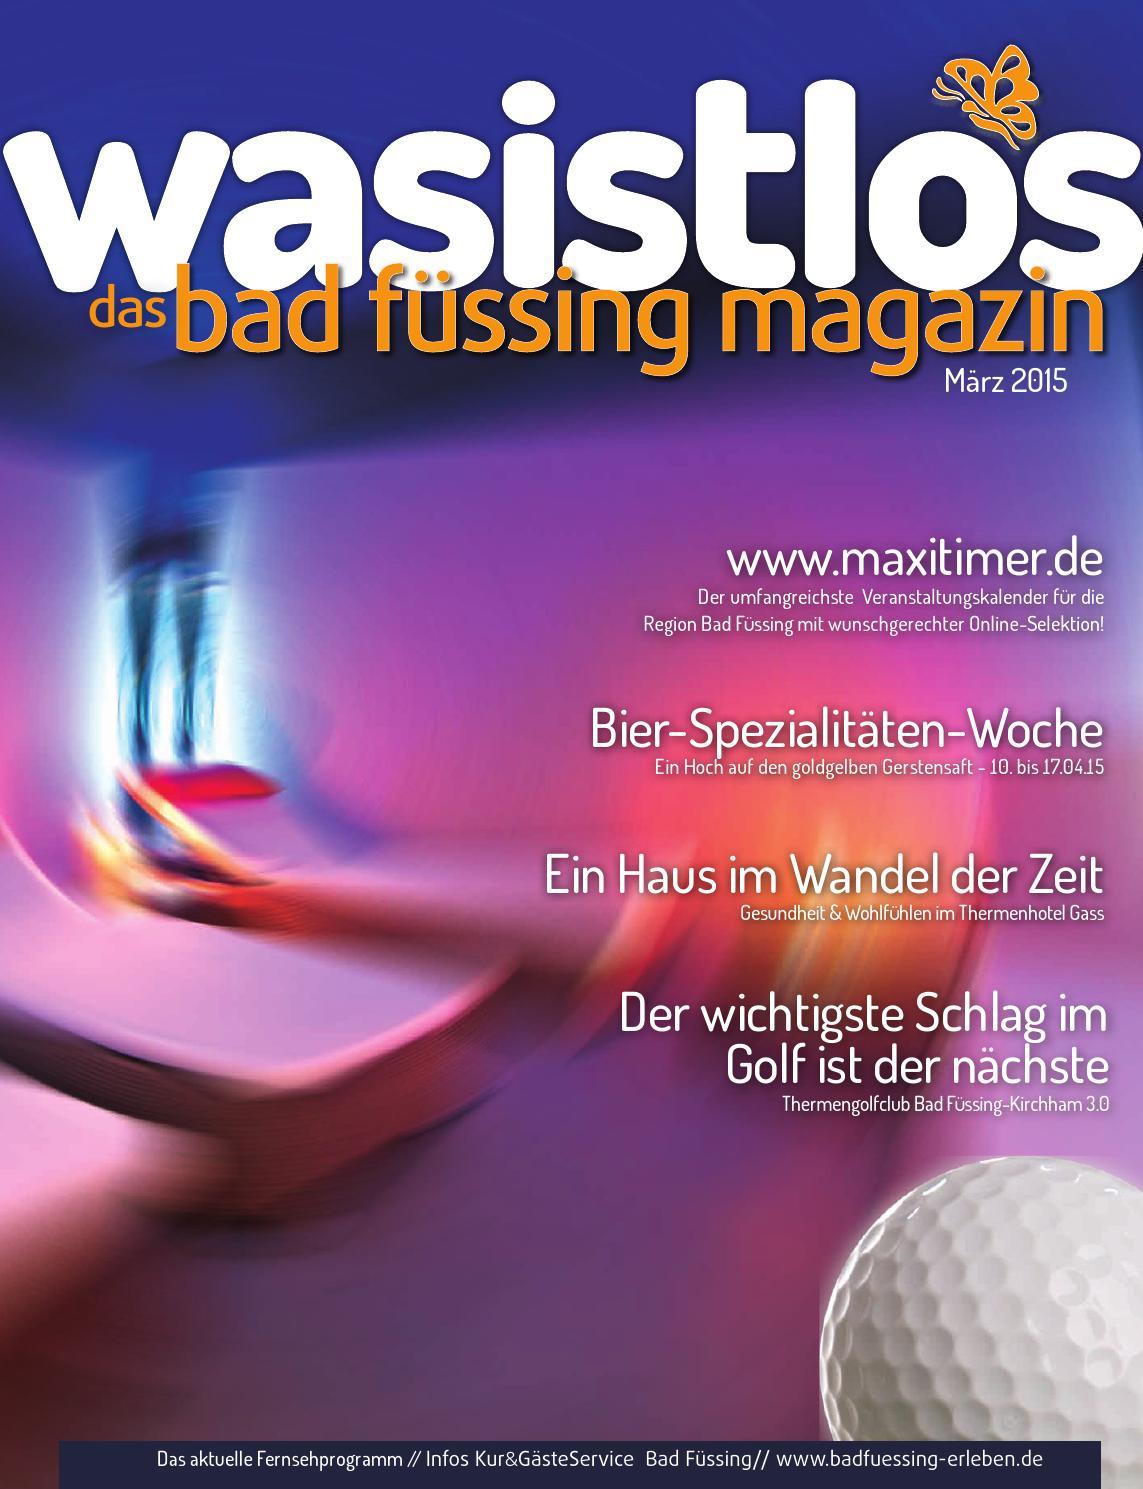 Wasistlos Bad Füssing Magazin März 2015 by remark marketing + medien - issuu